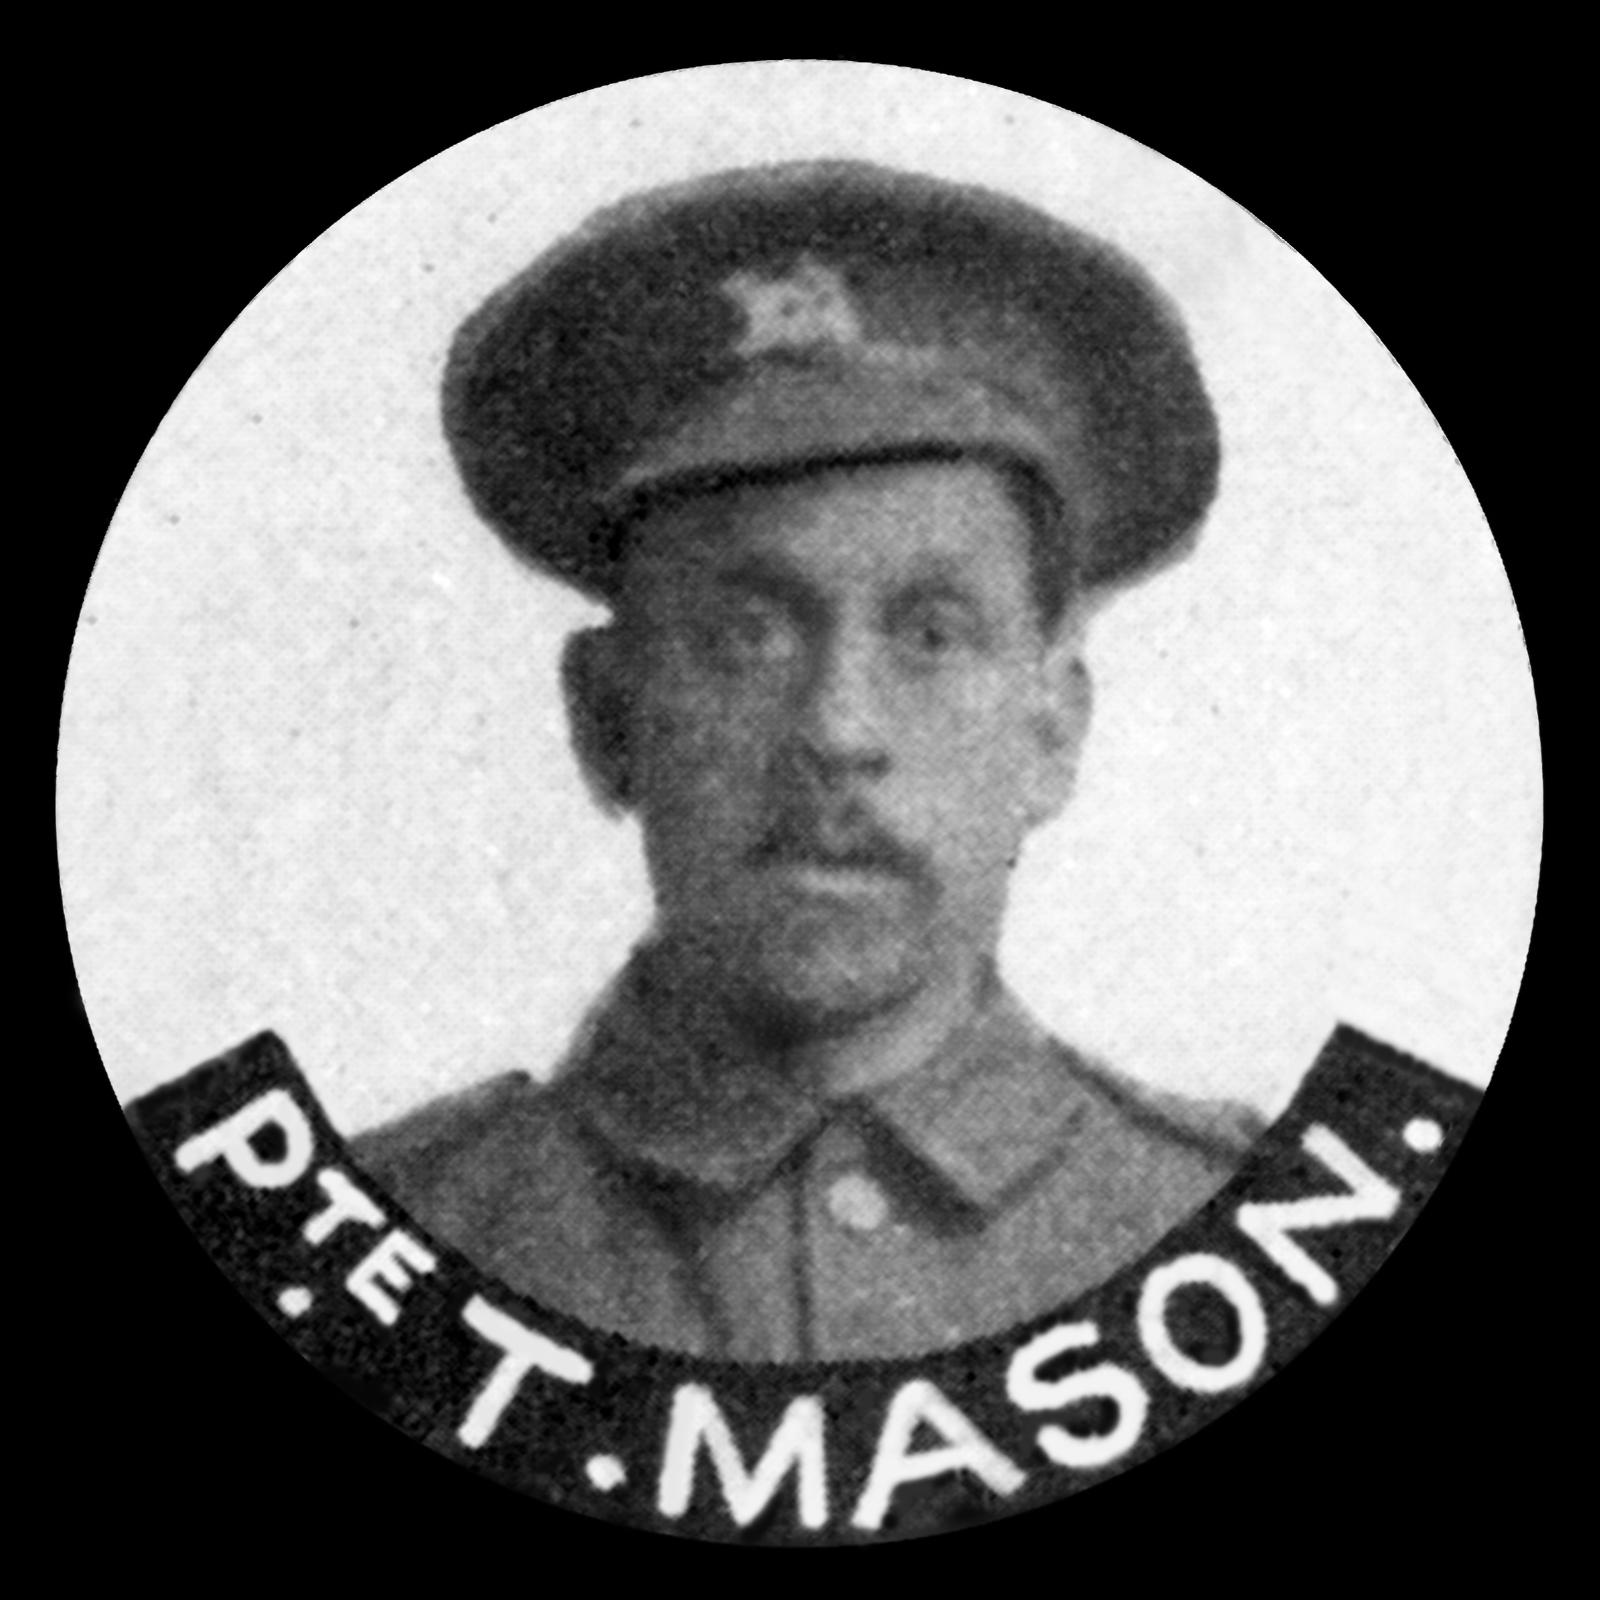 MASON Thomas